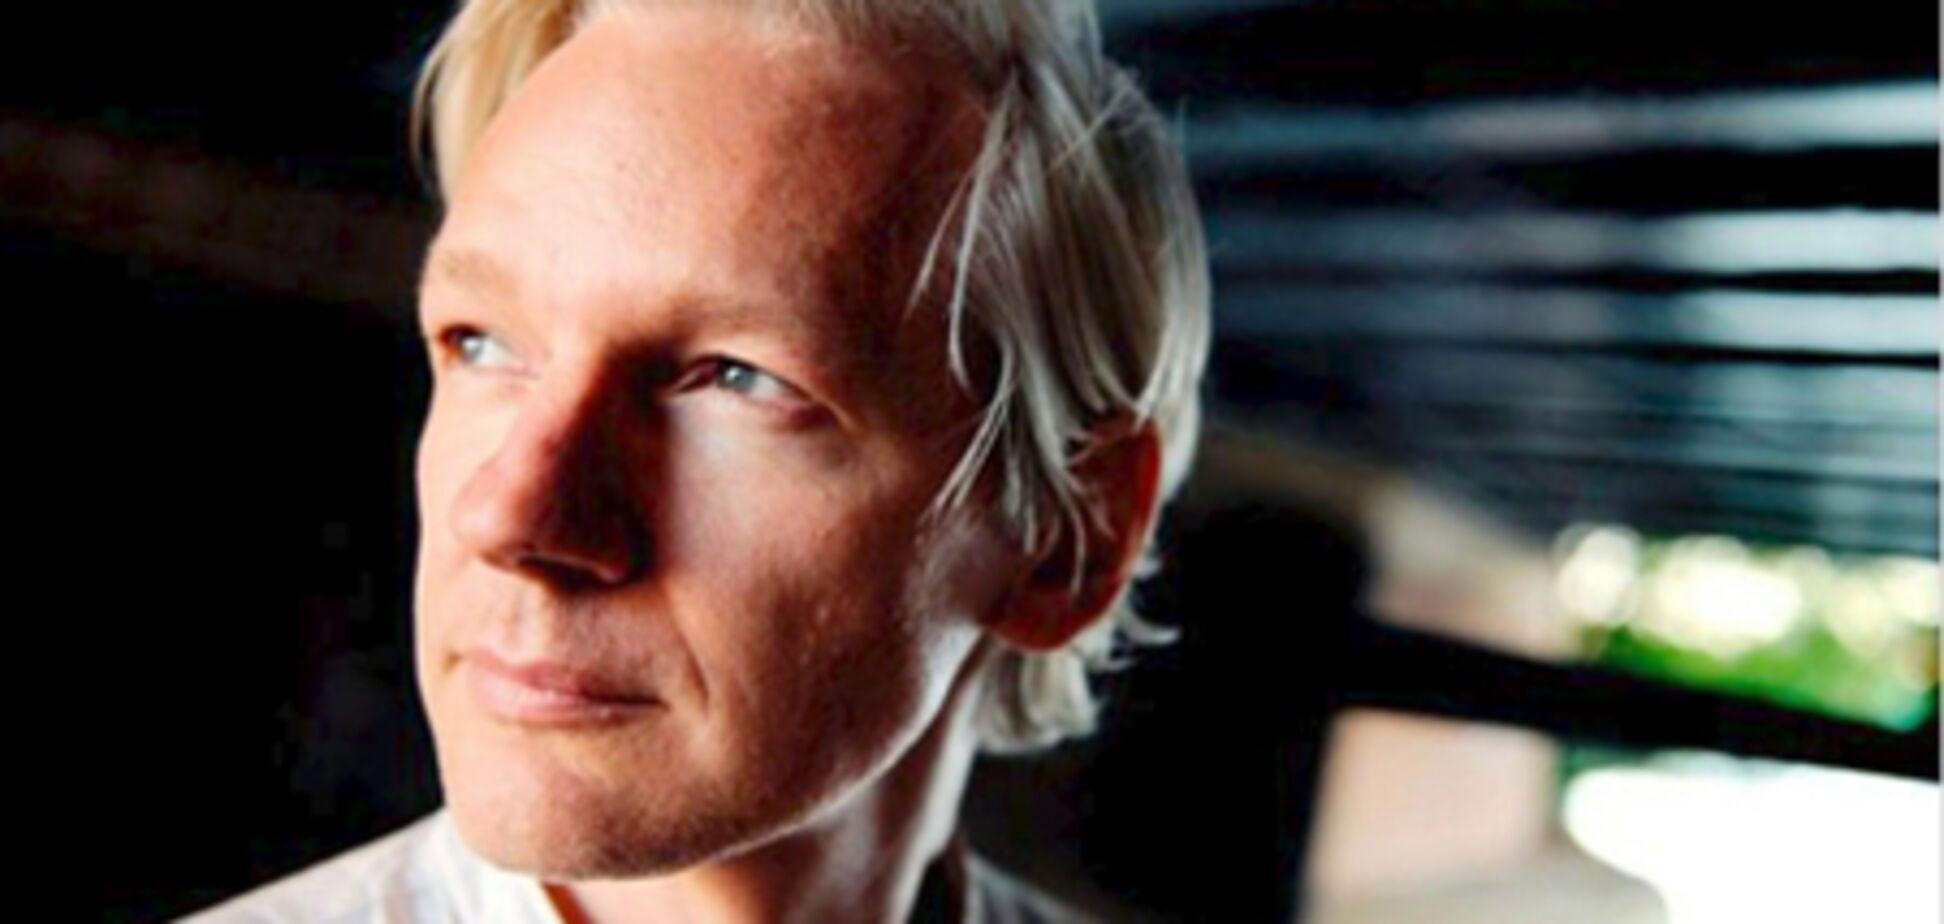 Екс-банкір повторно заарештований за зв'язок з Wikileaks